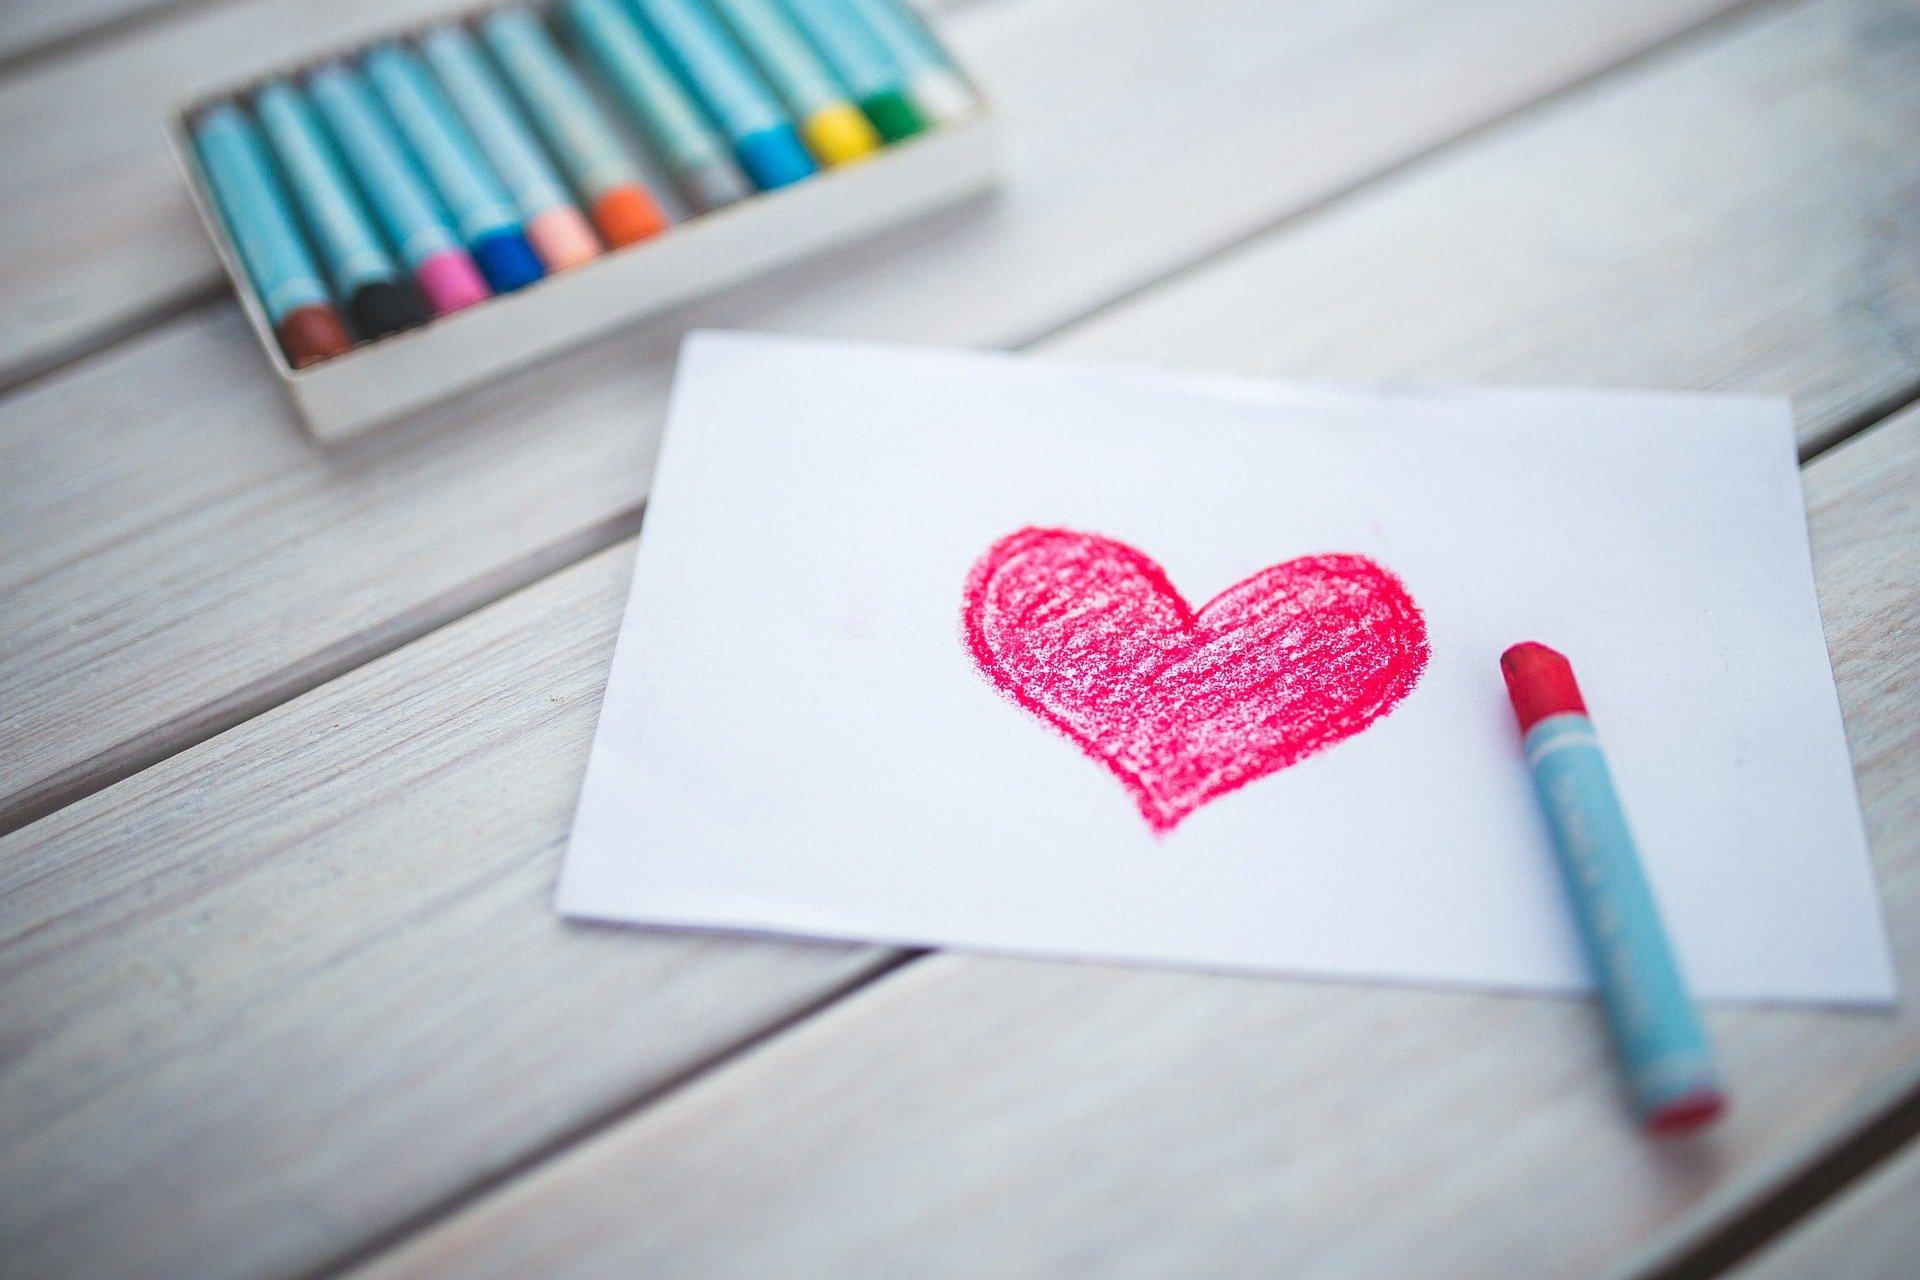 serce namalowane kredkami świecowymi